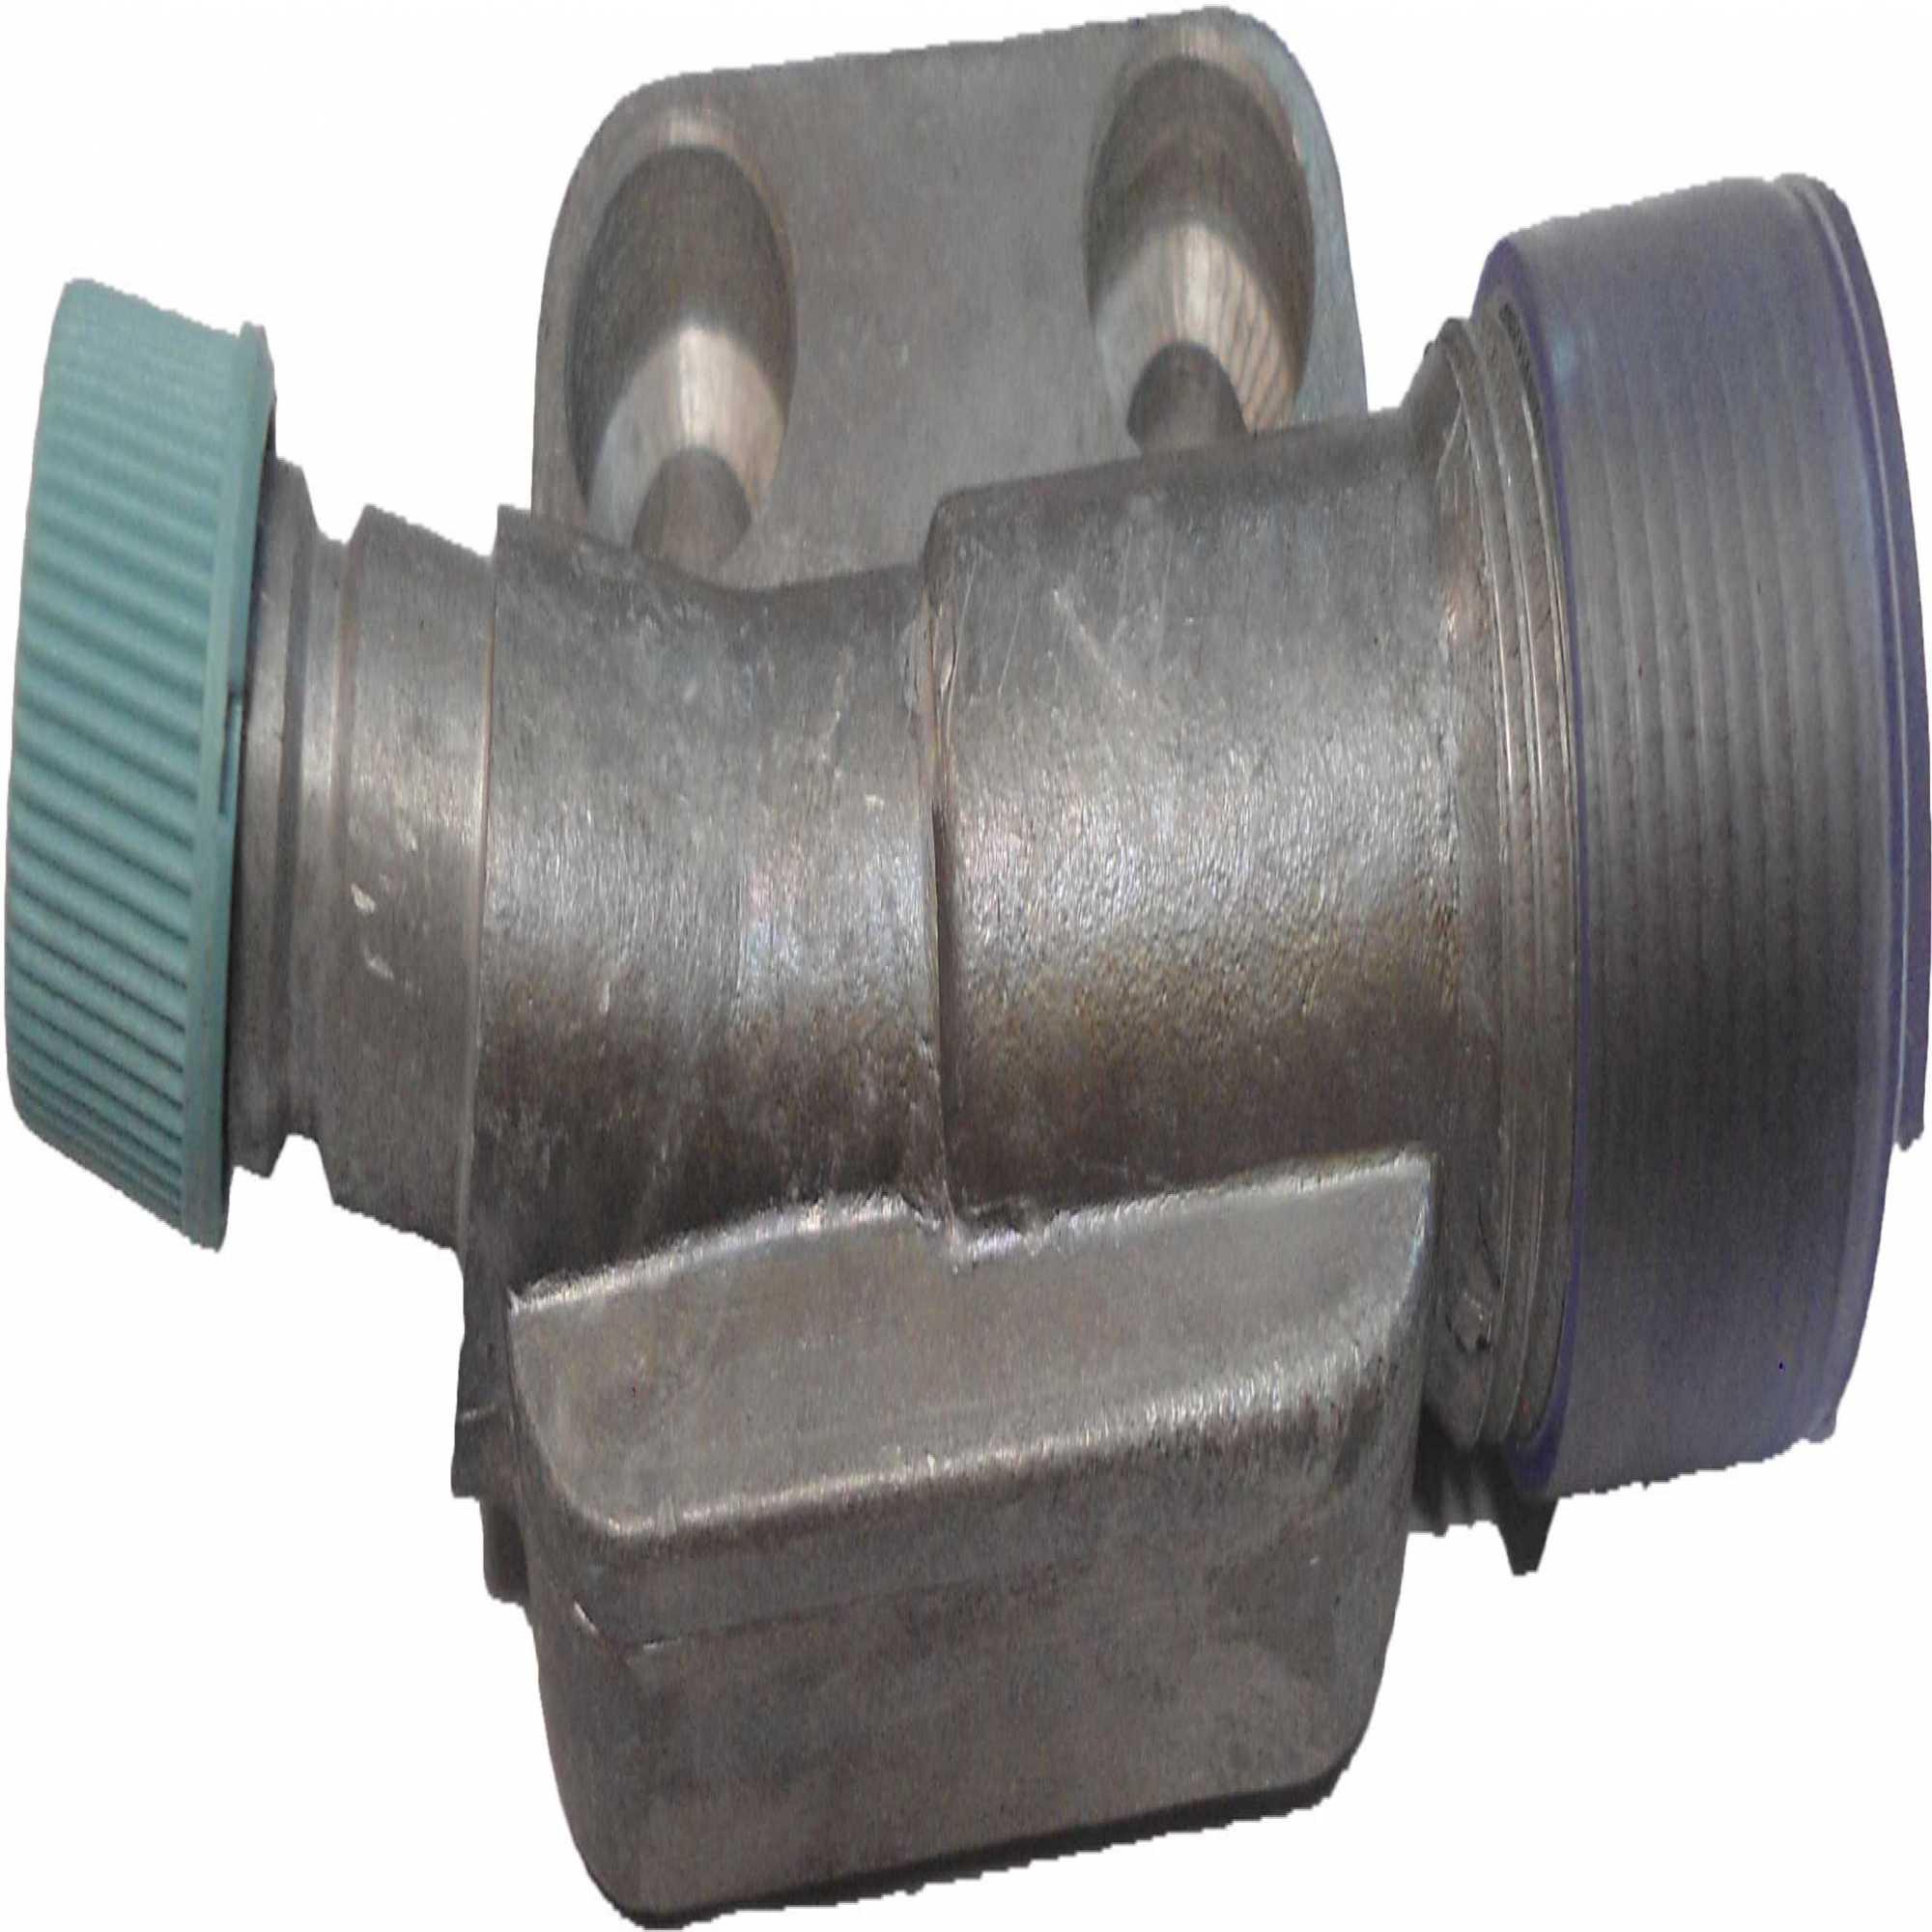 """Valvula Servico - Succao Compressor 6P148 """"valtra Bh Antigo"""""""